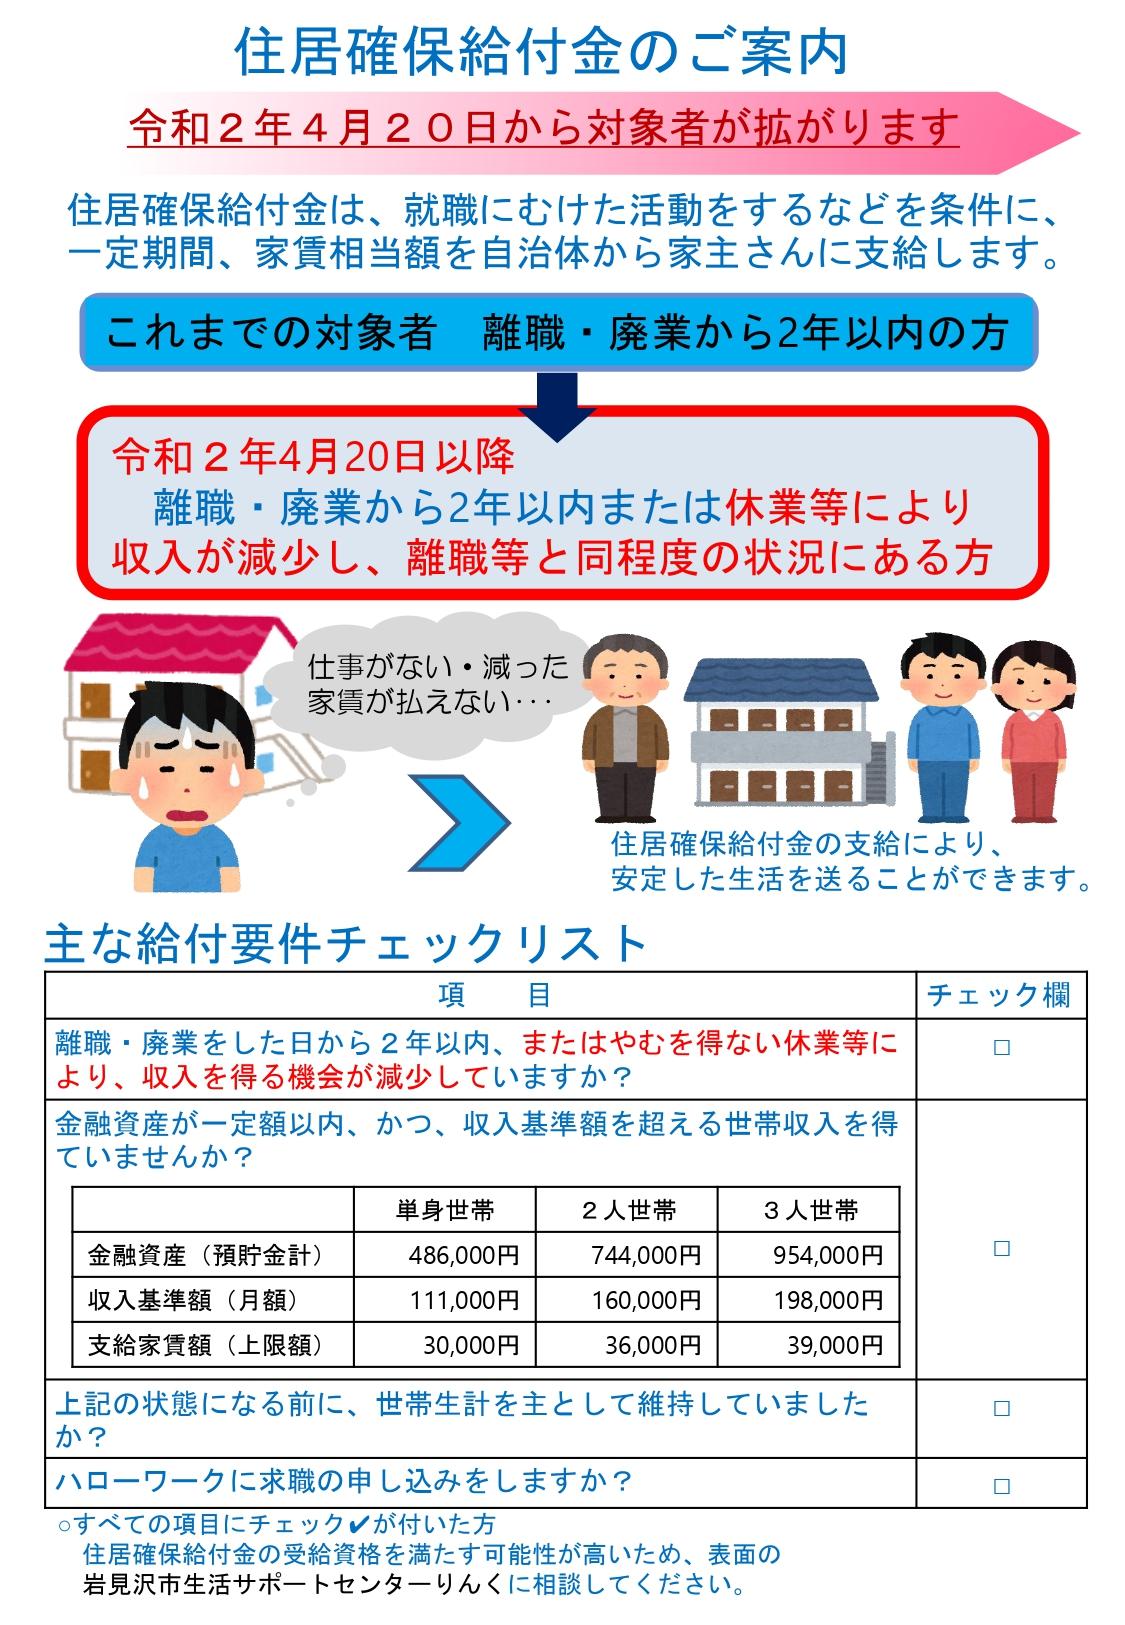 画像:住居確保給付金のご案内